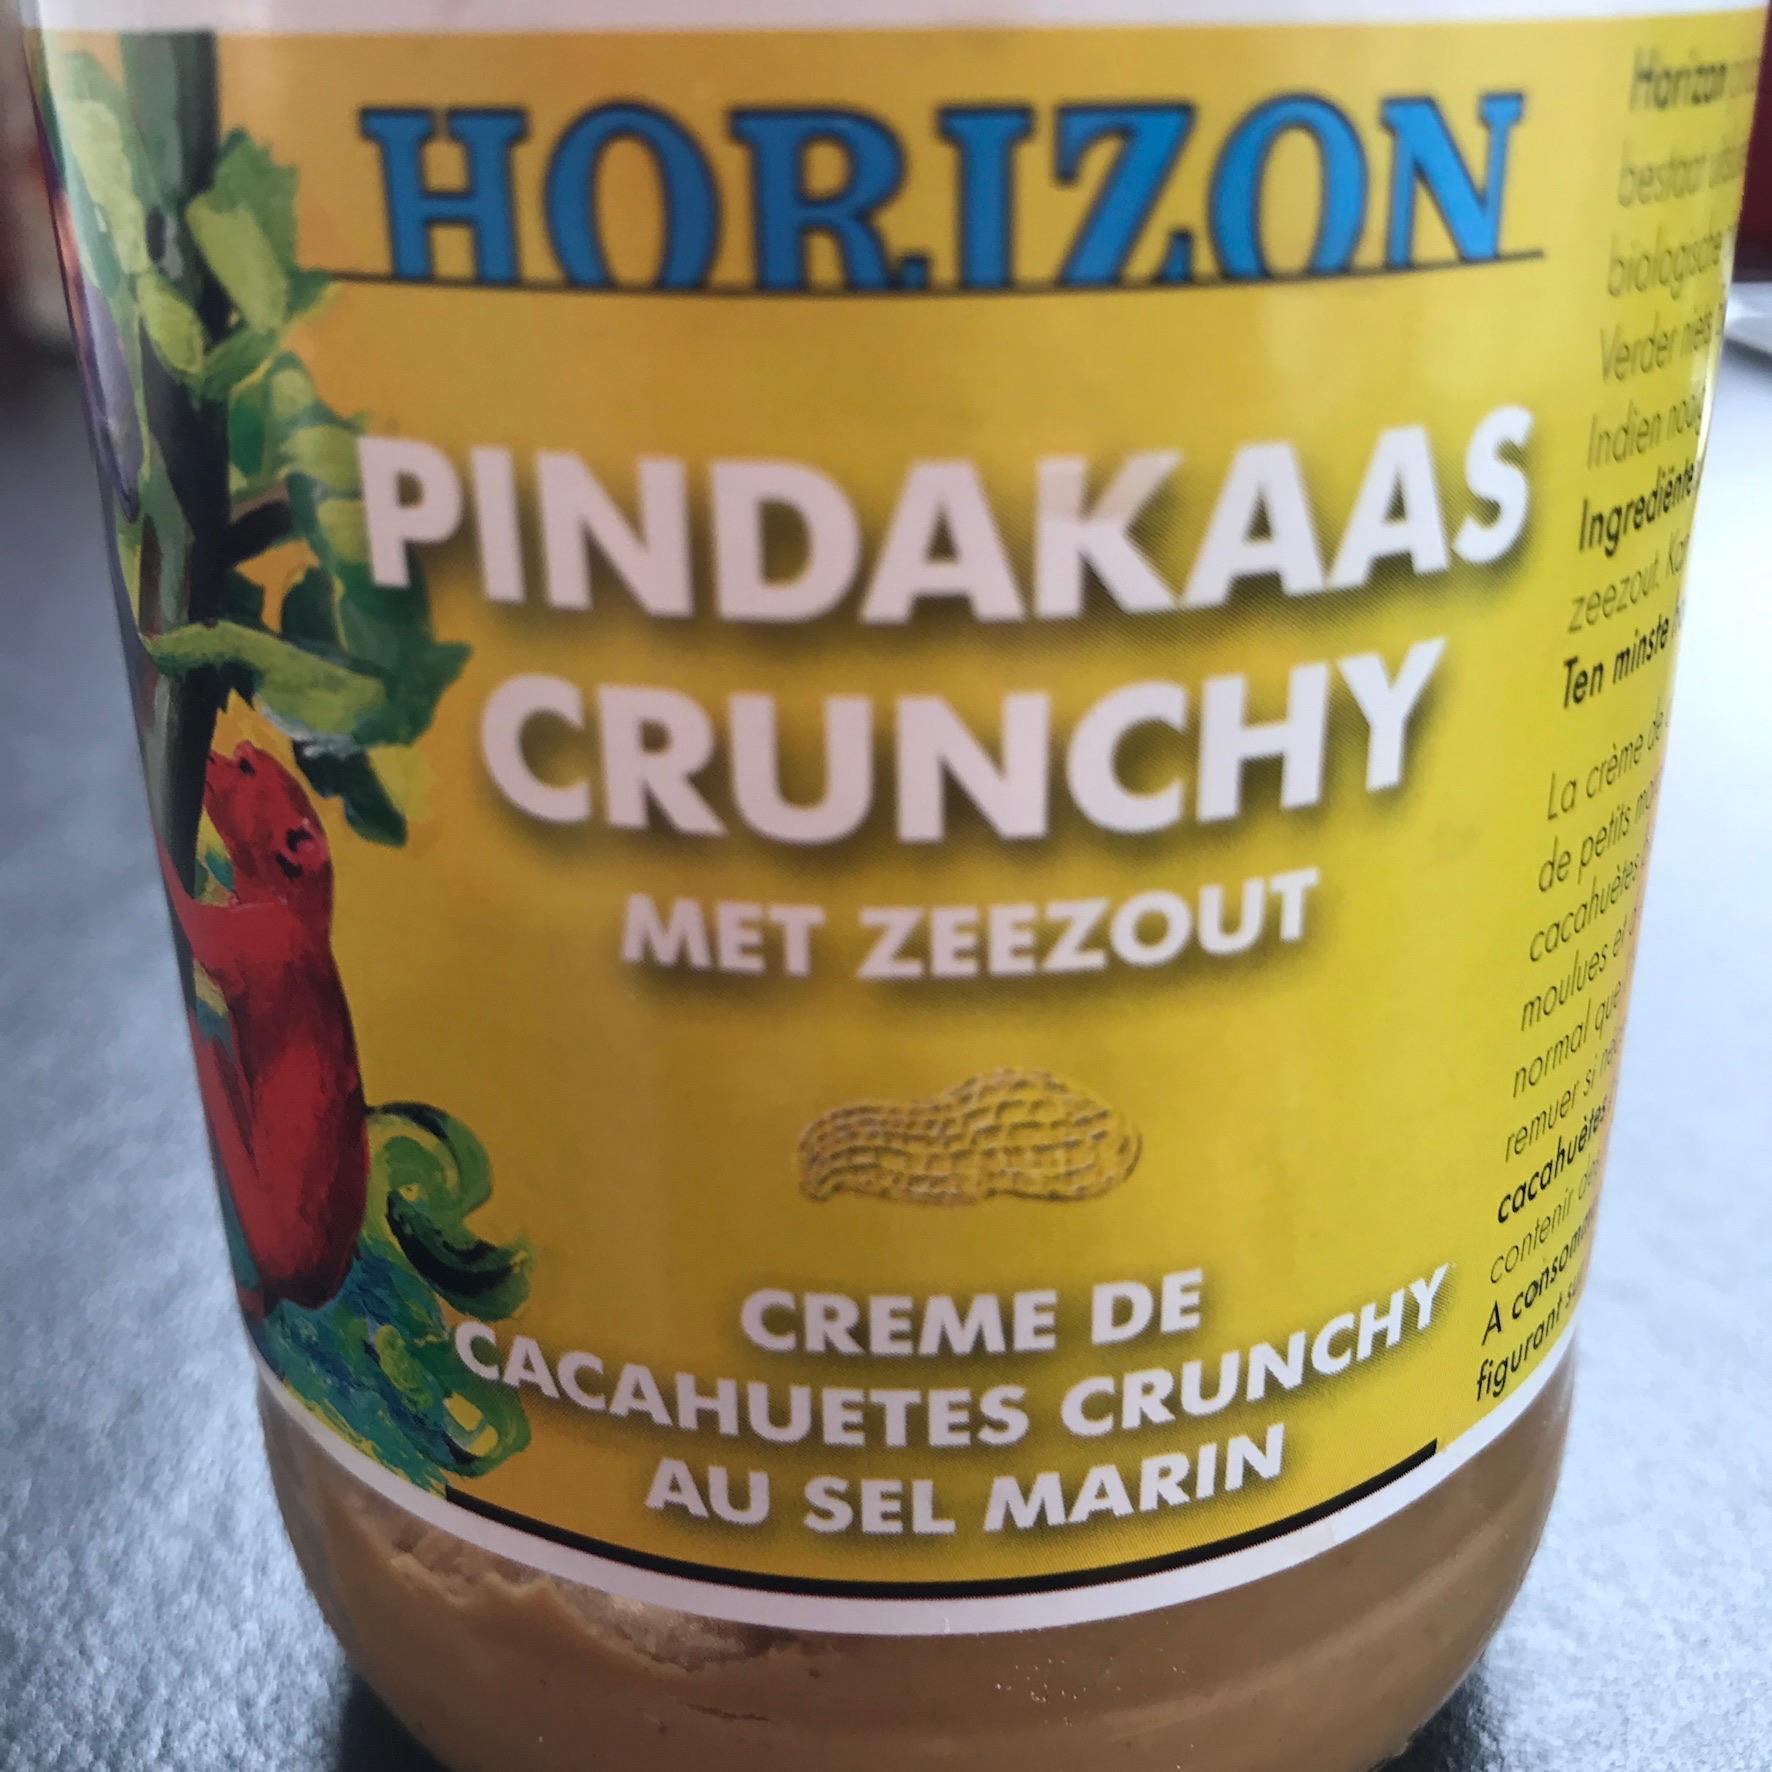 pindakaas (crunchy)